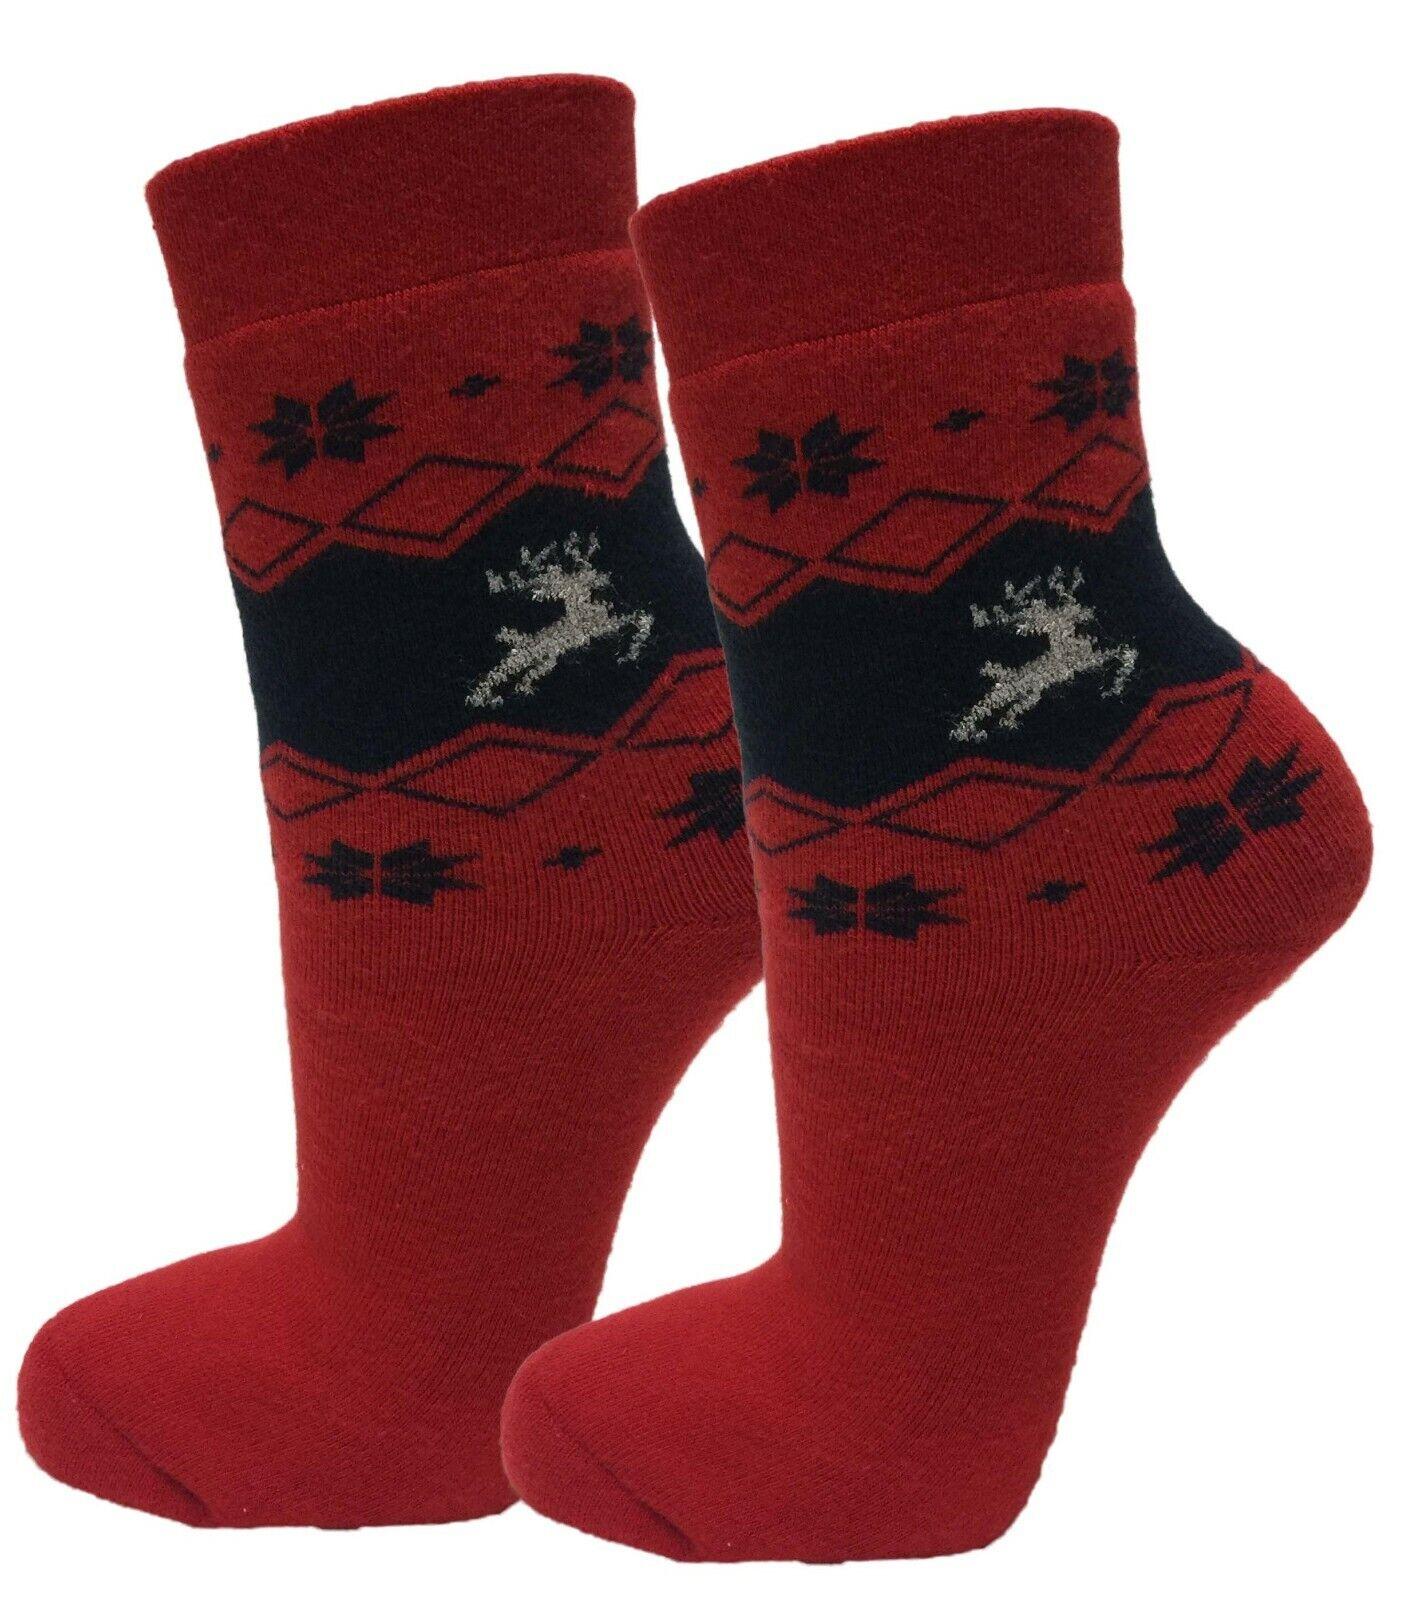 2 Paar Damen & Mädchen Thermo Winter Socken Strümpfe, Voll-Frottee, Neu